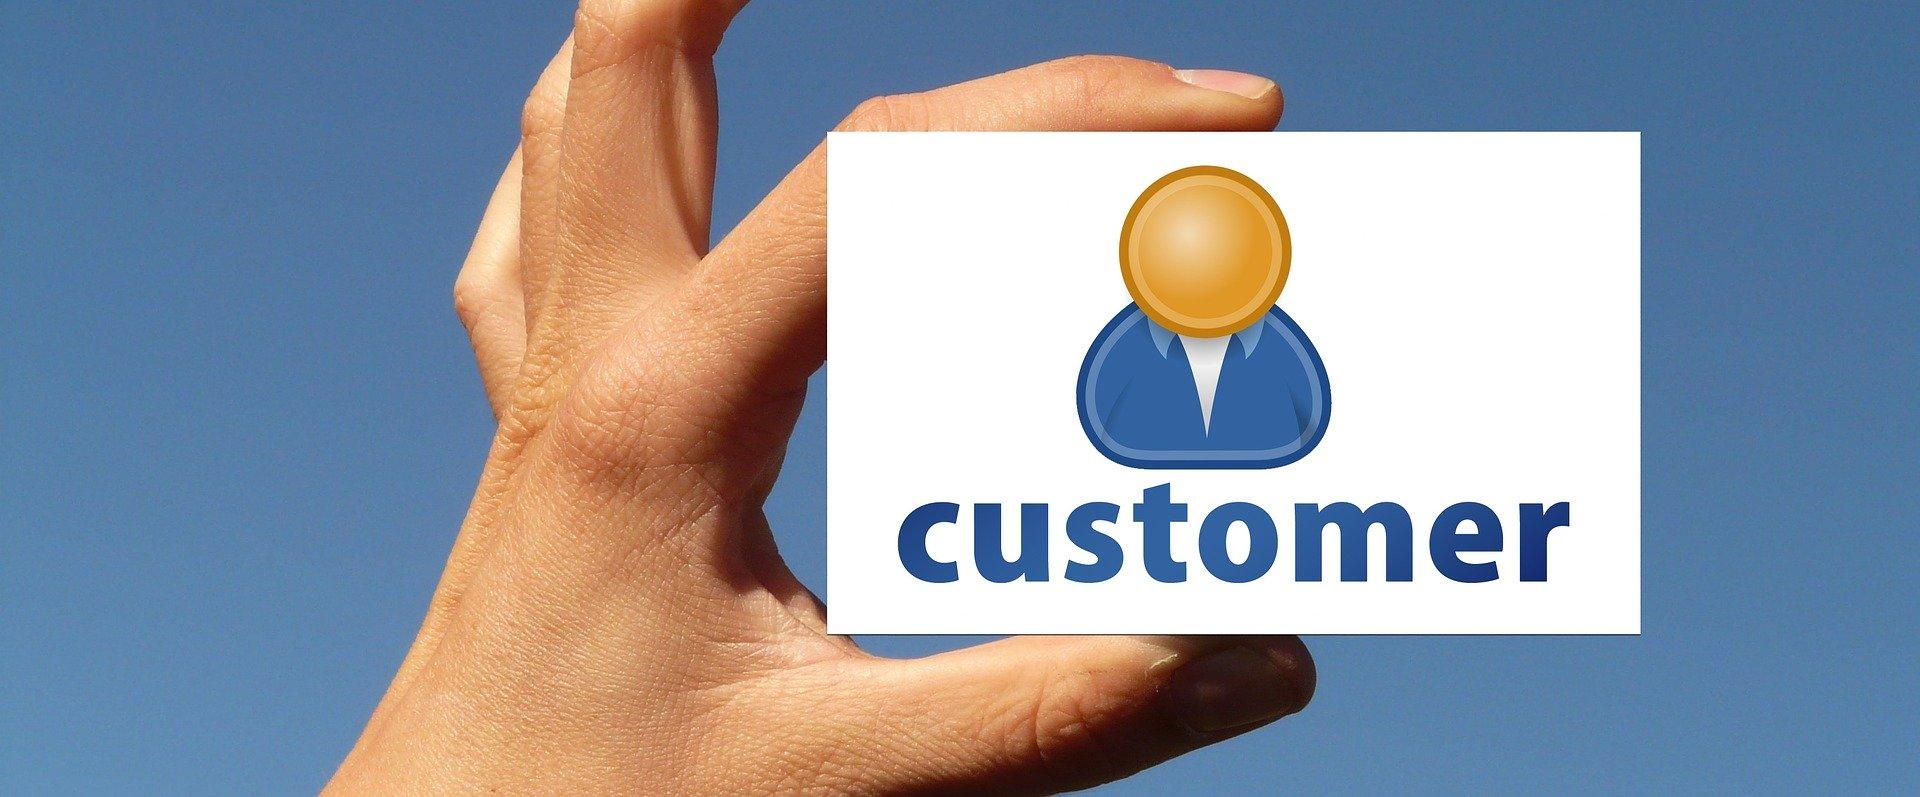 Oferă o soluție viabilă a problemei pe care o rezolvi pentru clienții tăi (Nou) și (Gratuit)